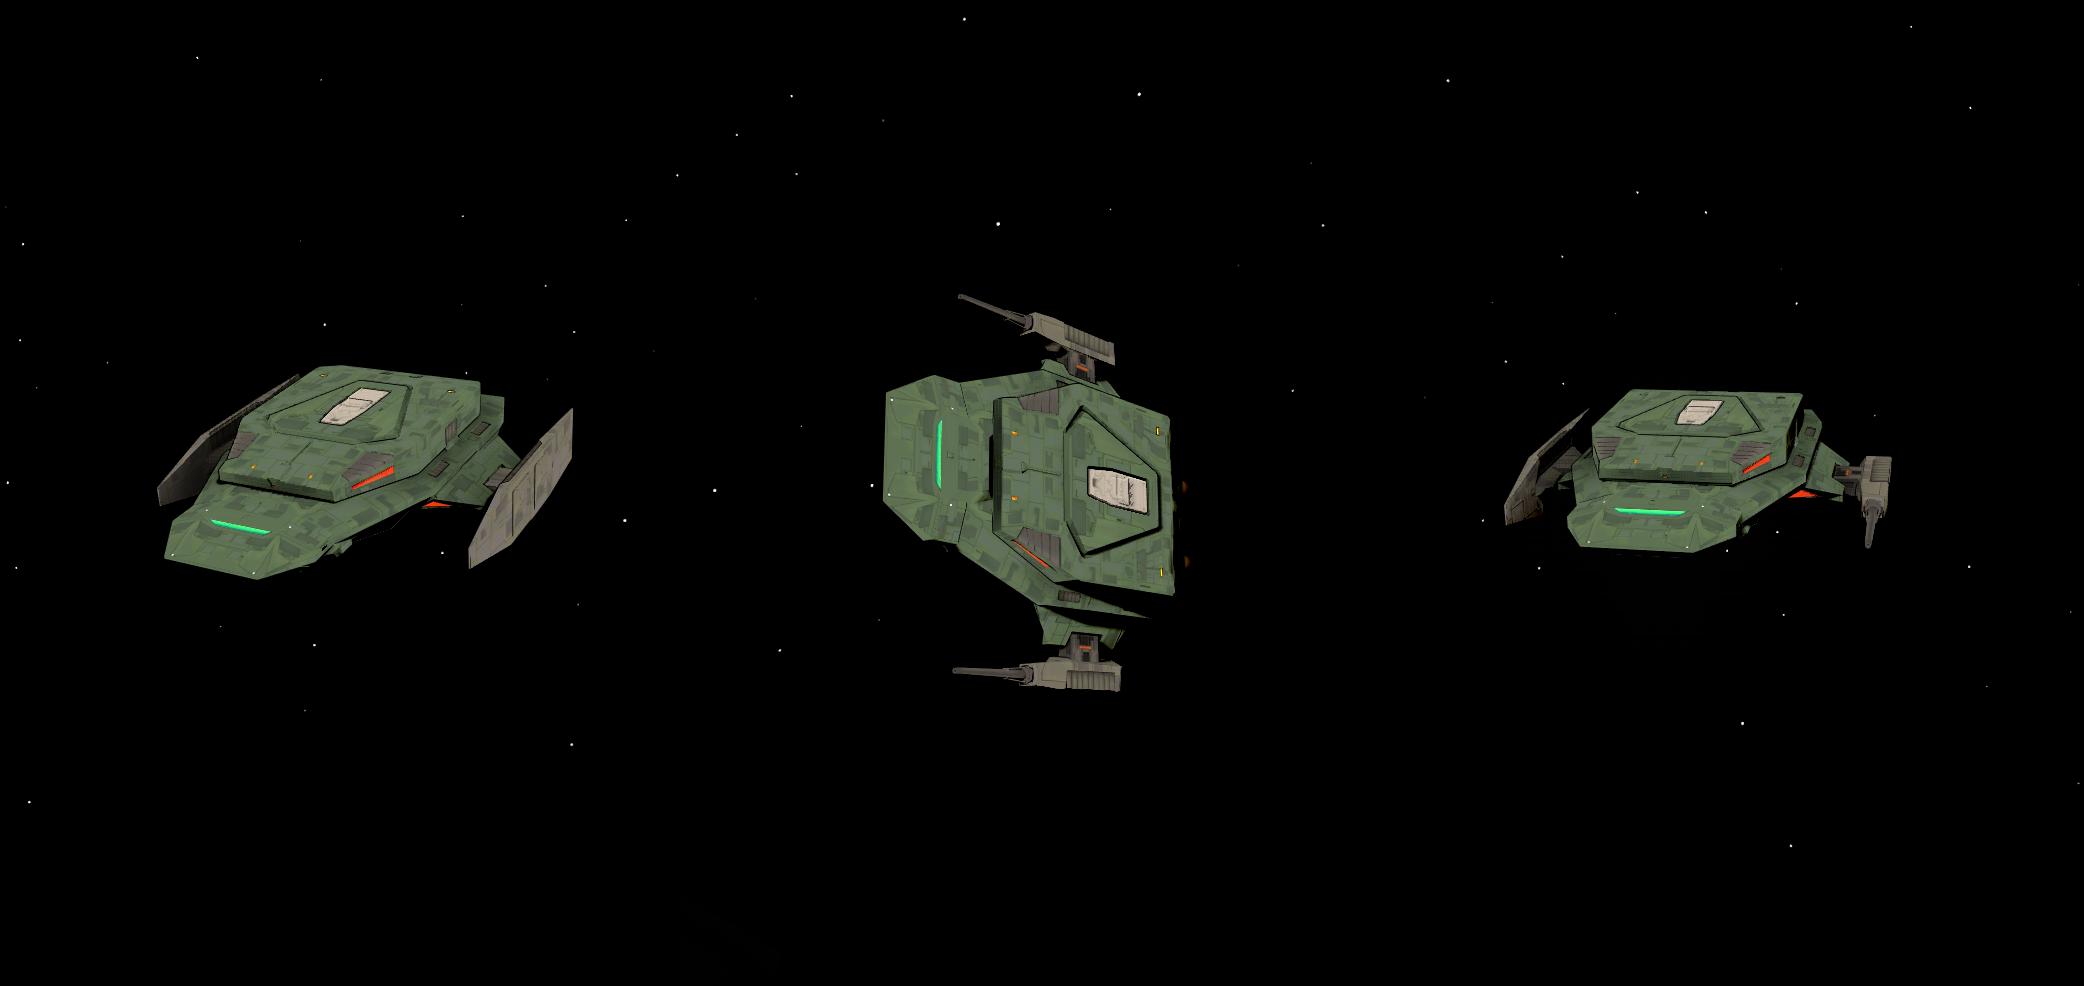 shiMpartsWIPThilakshaEkanayake Combined CROPPED